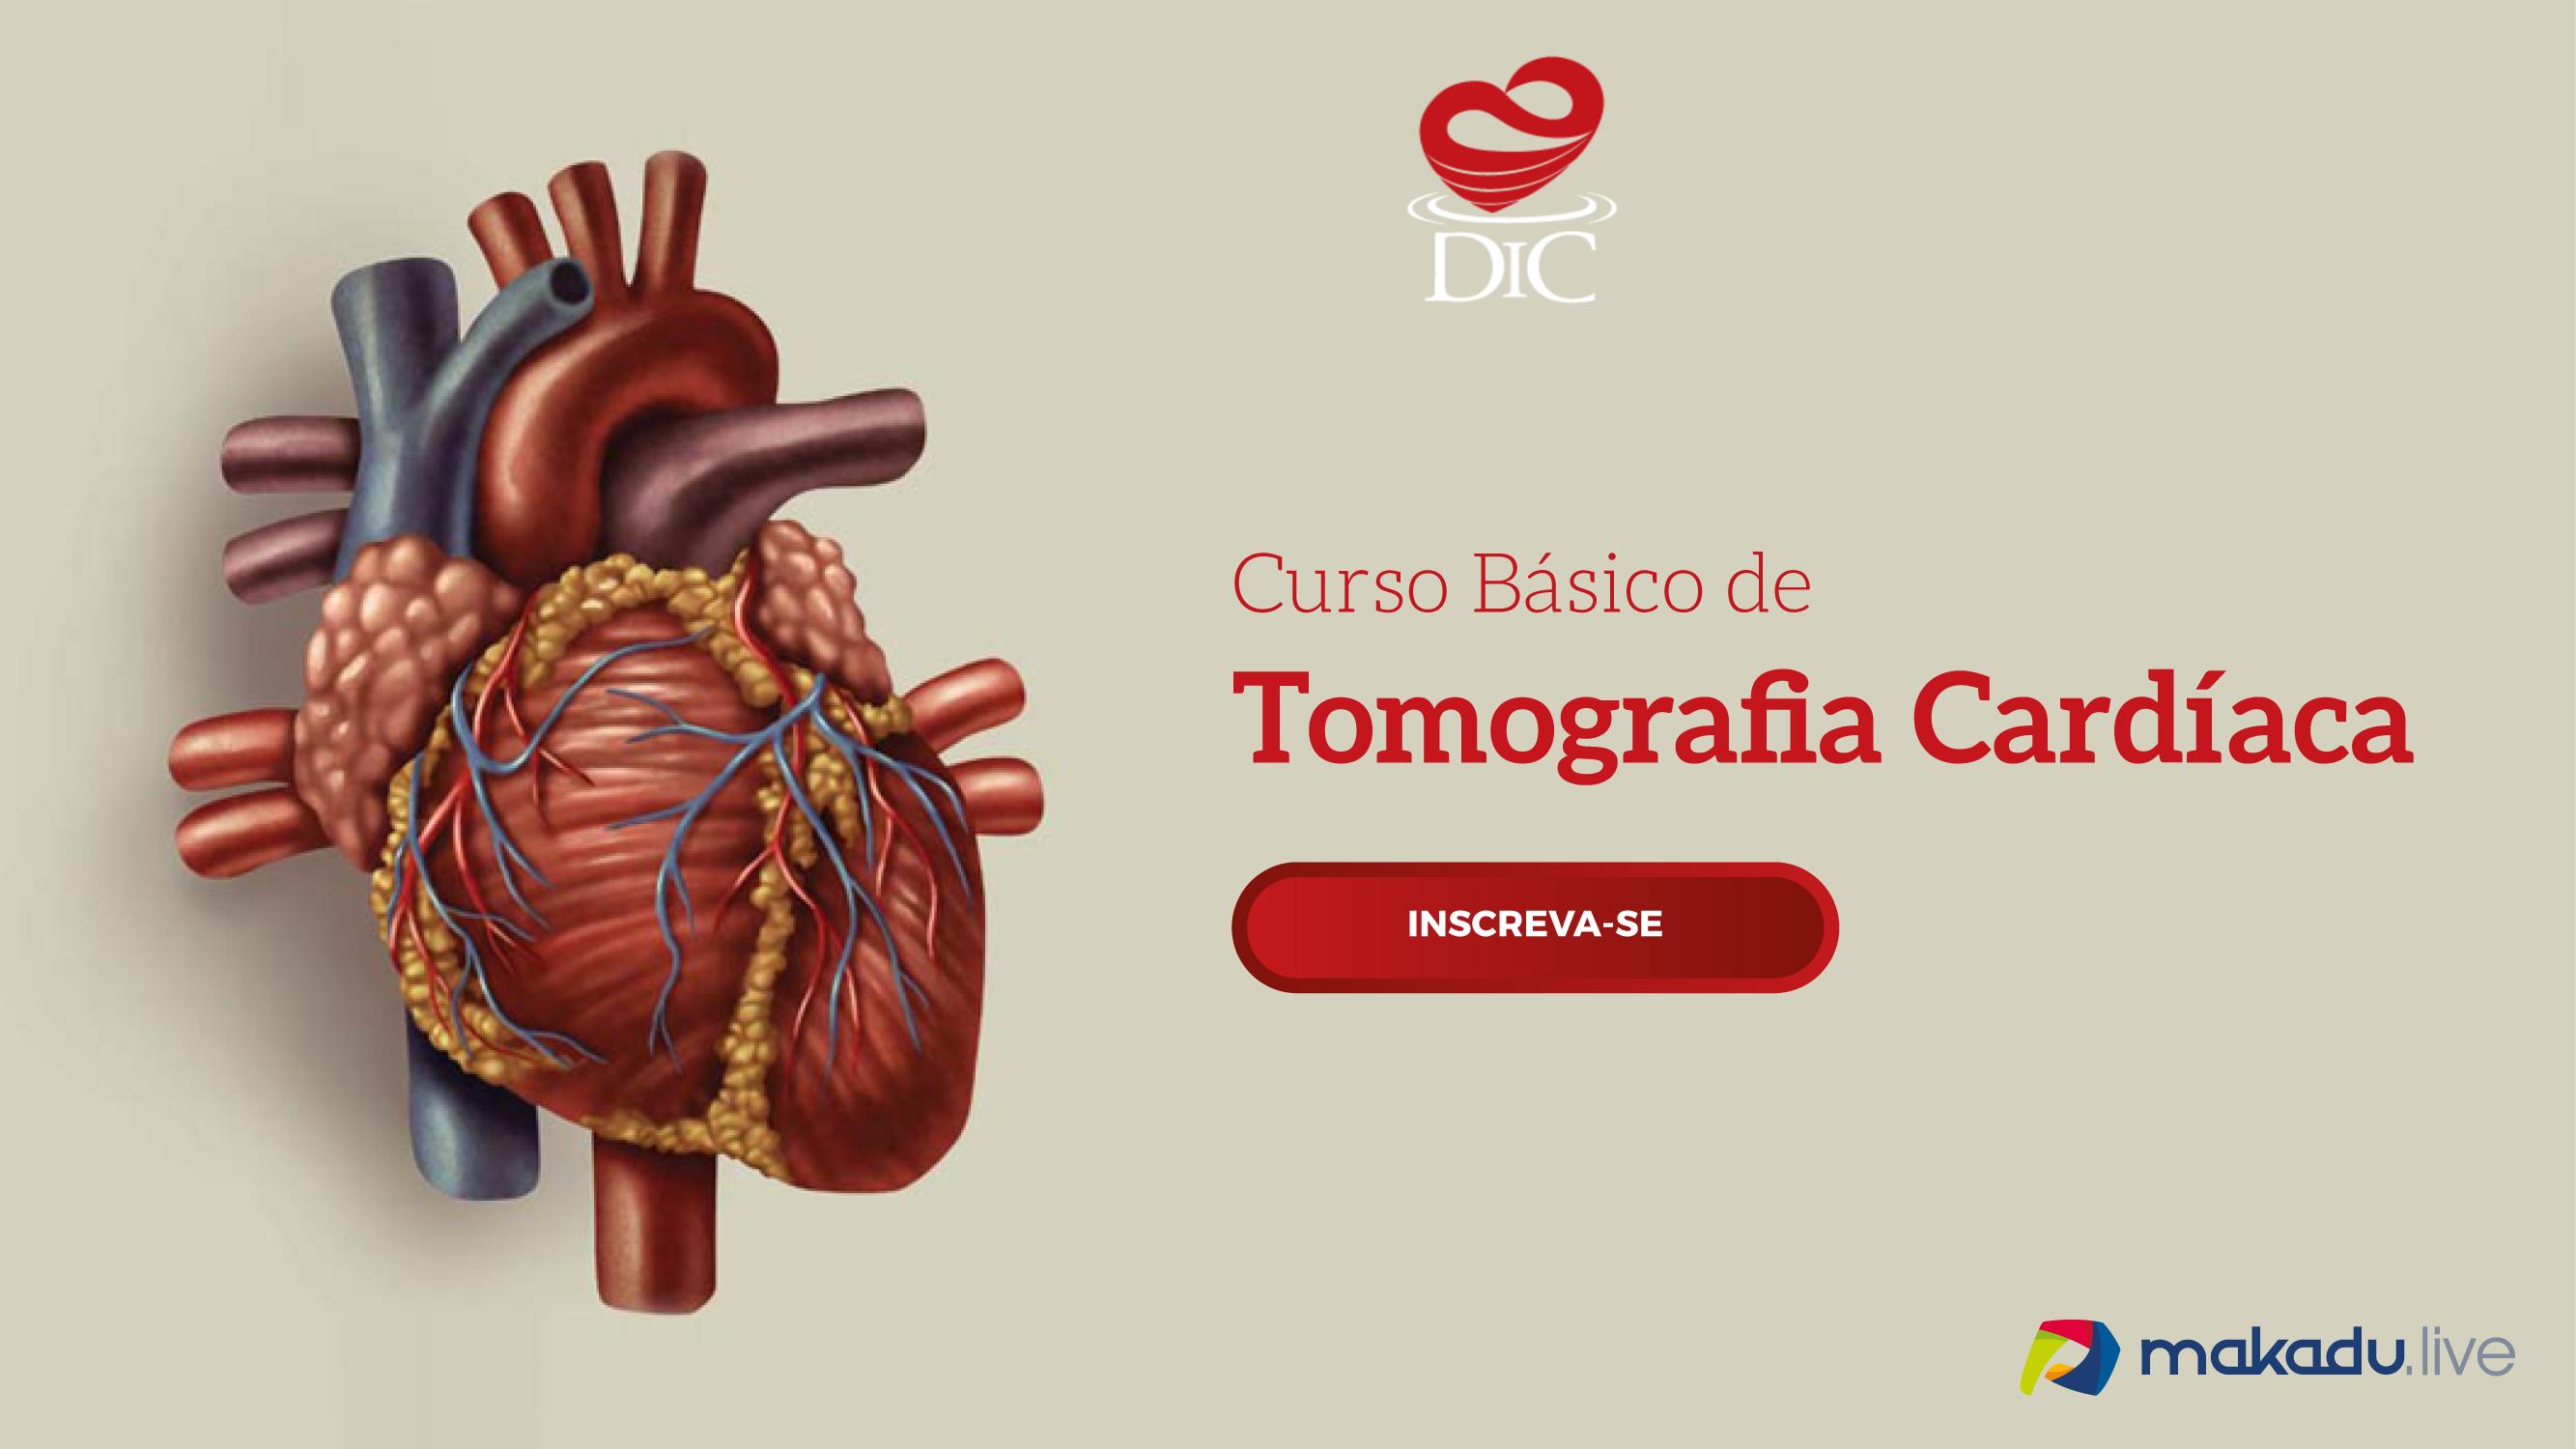 Curso Básico de Tomografia Cardíaca